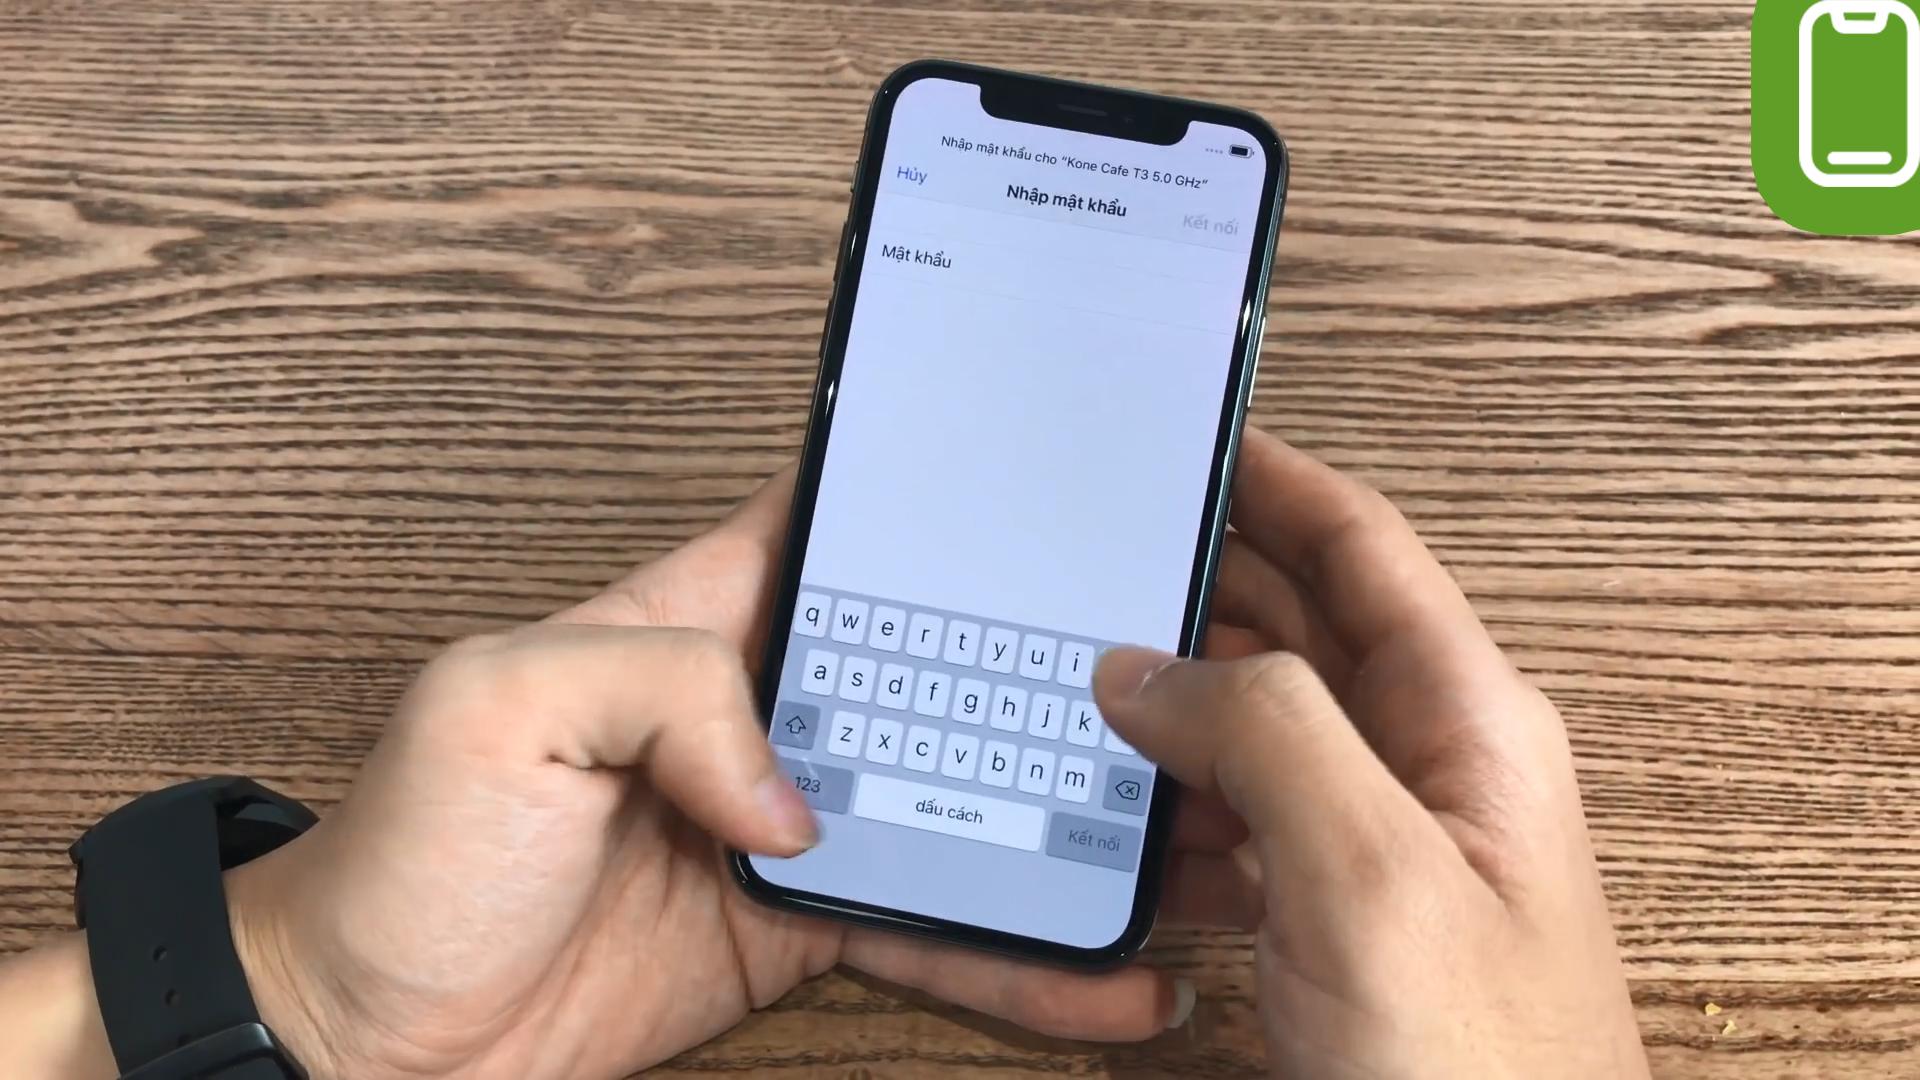 Đánh giá chi tiết iPhone X - Ảnh 1